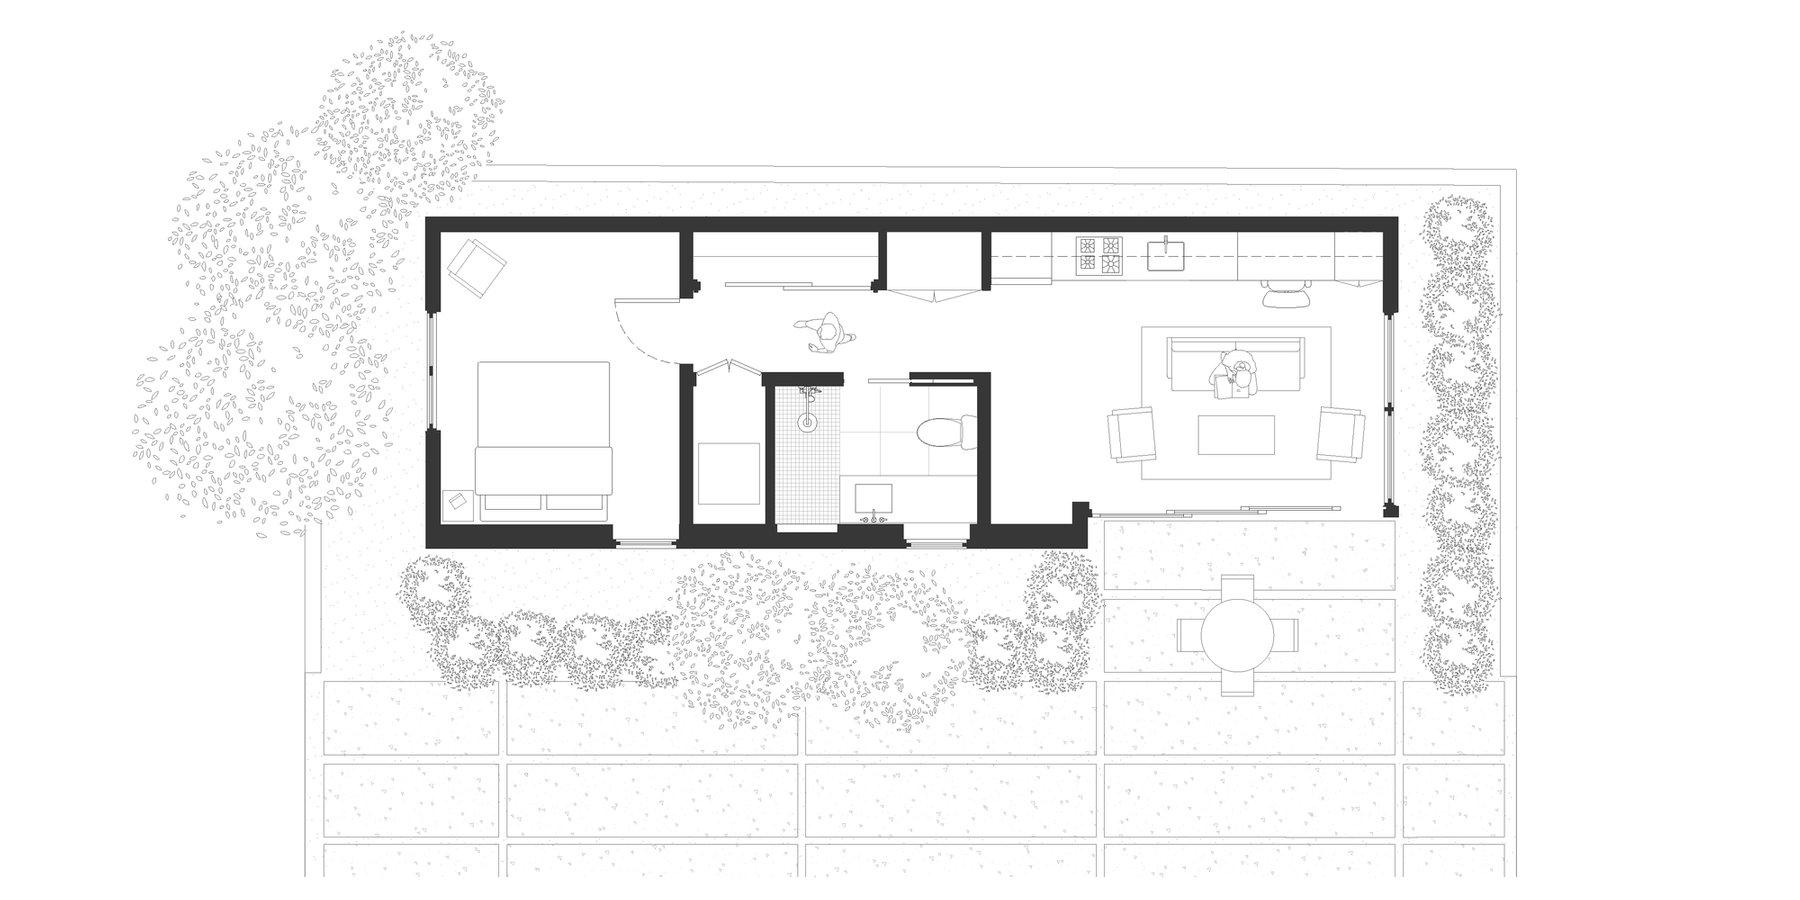 Detached 1-bedroom ADU